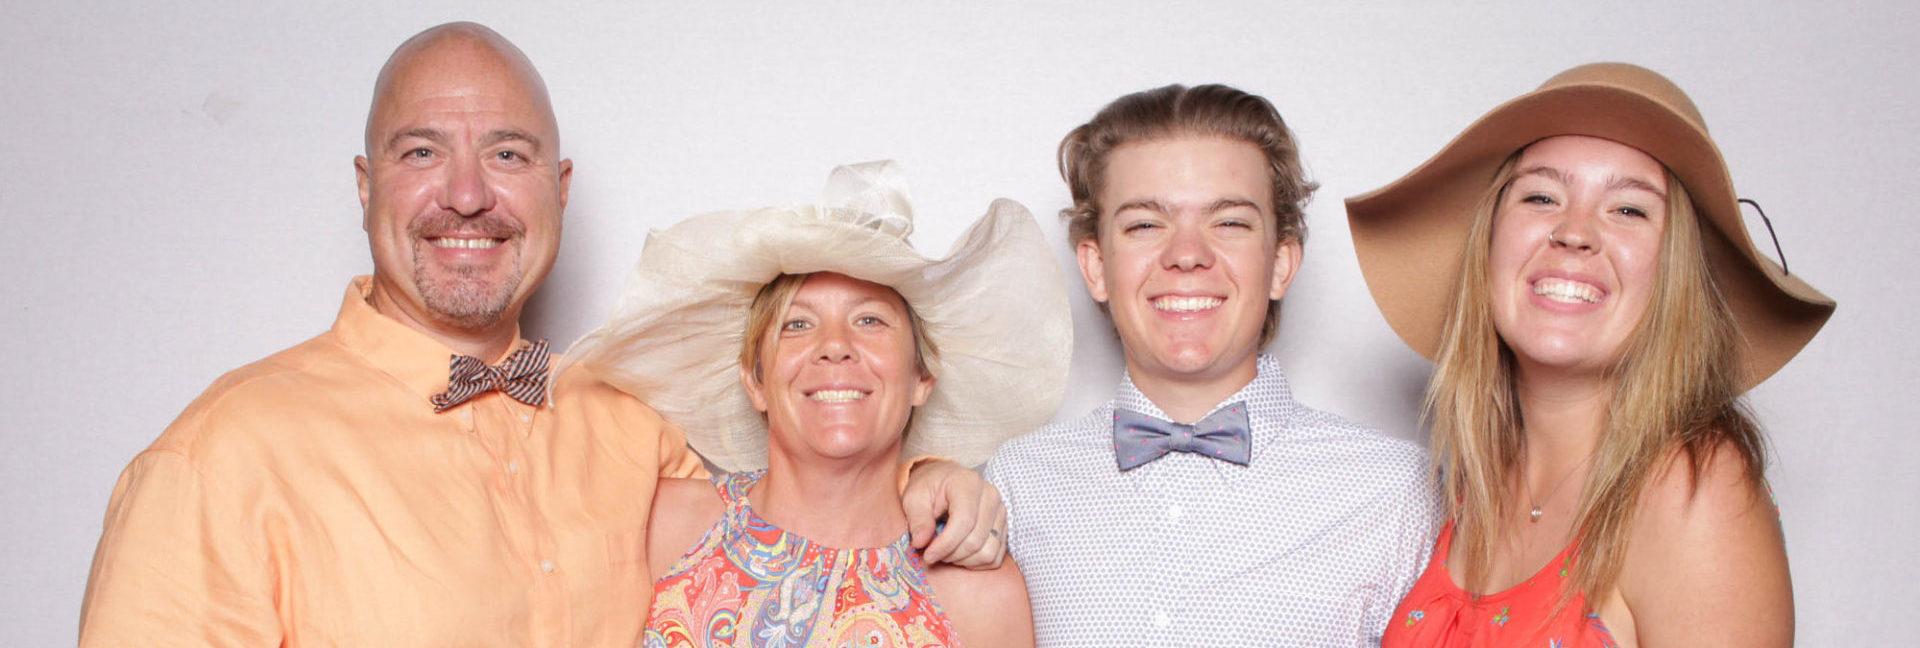 Eine Familie bei einem Fotoshooting